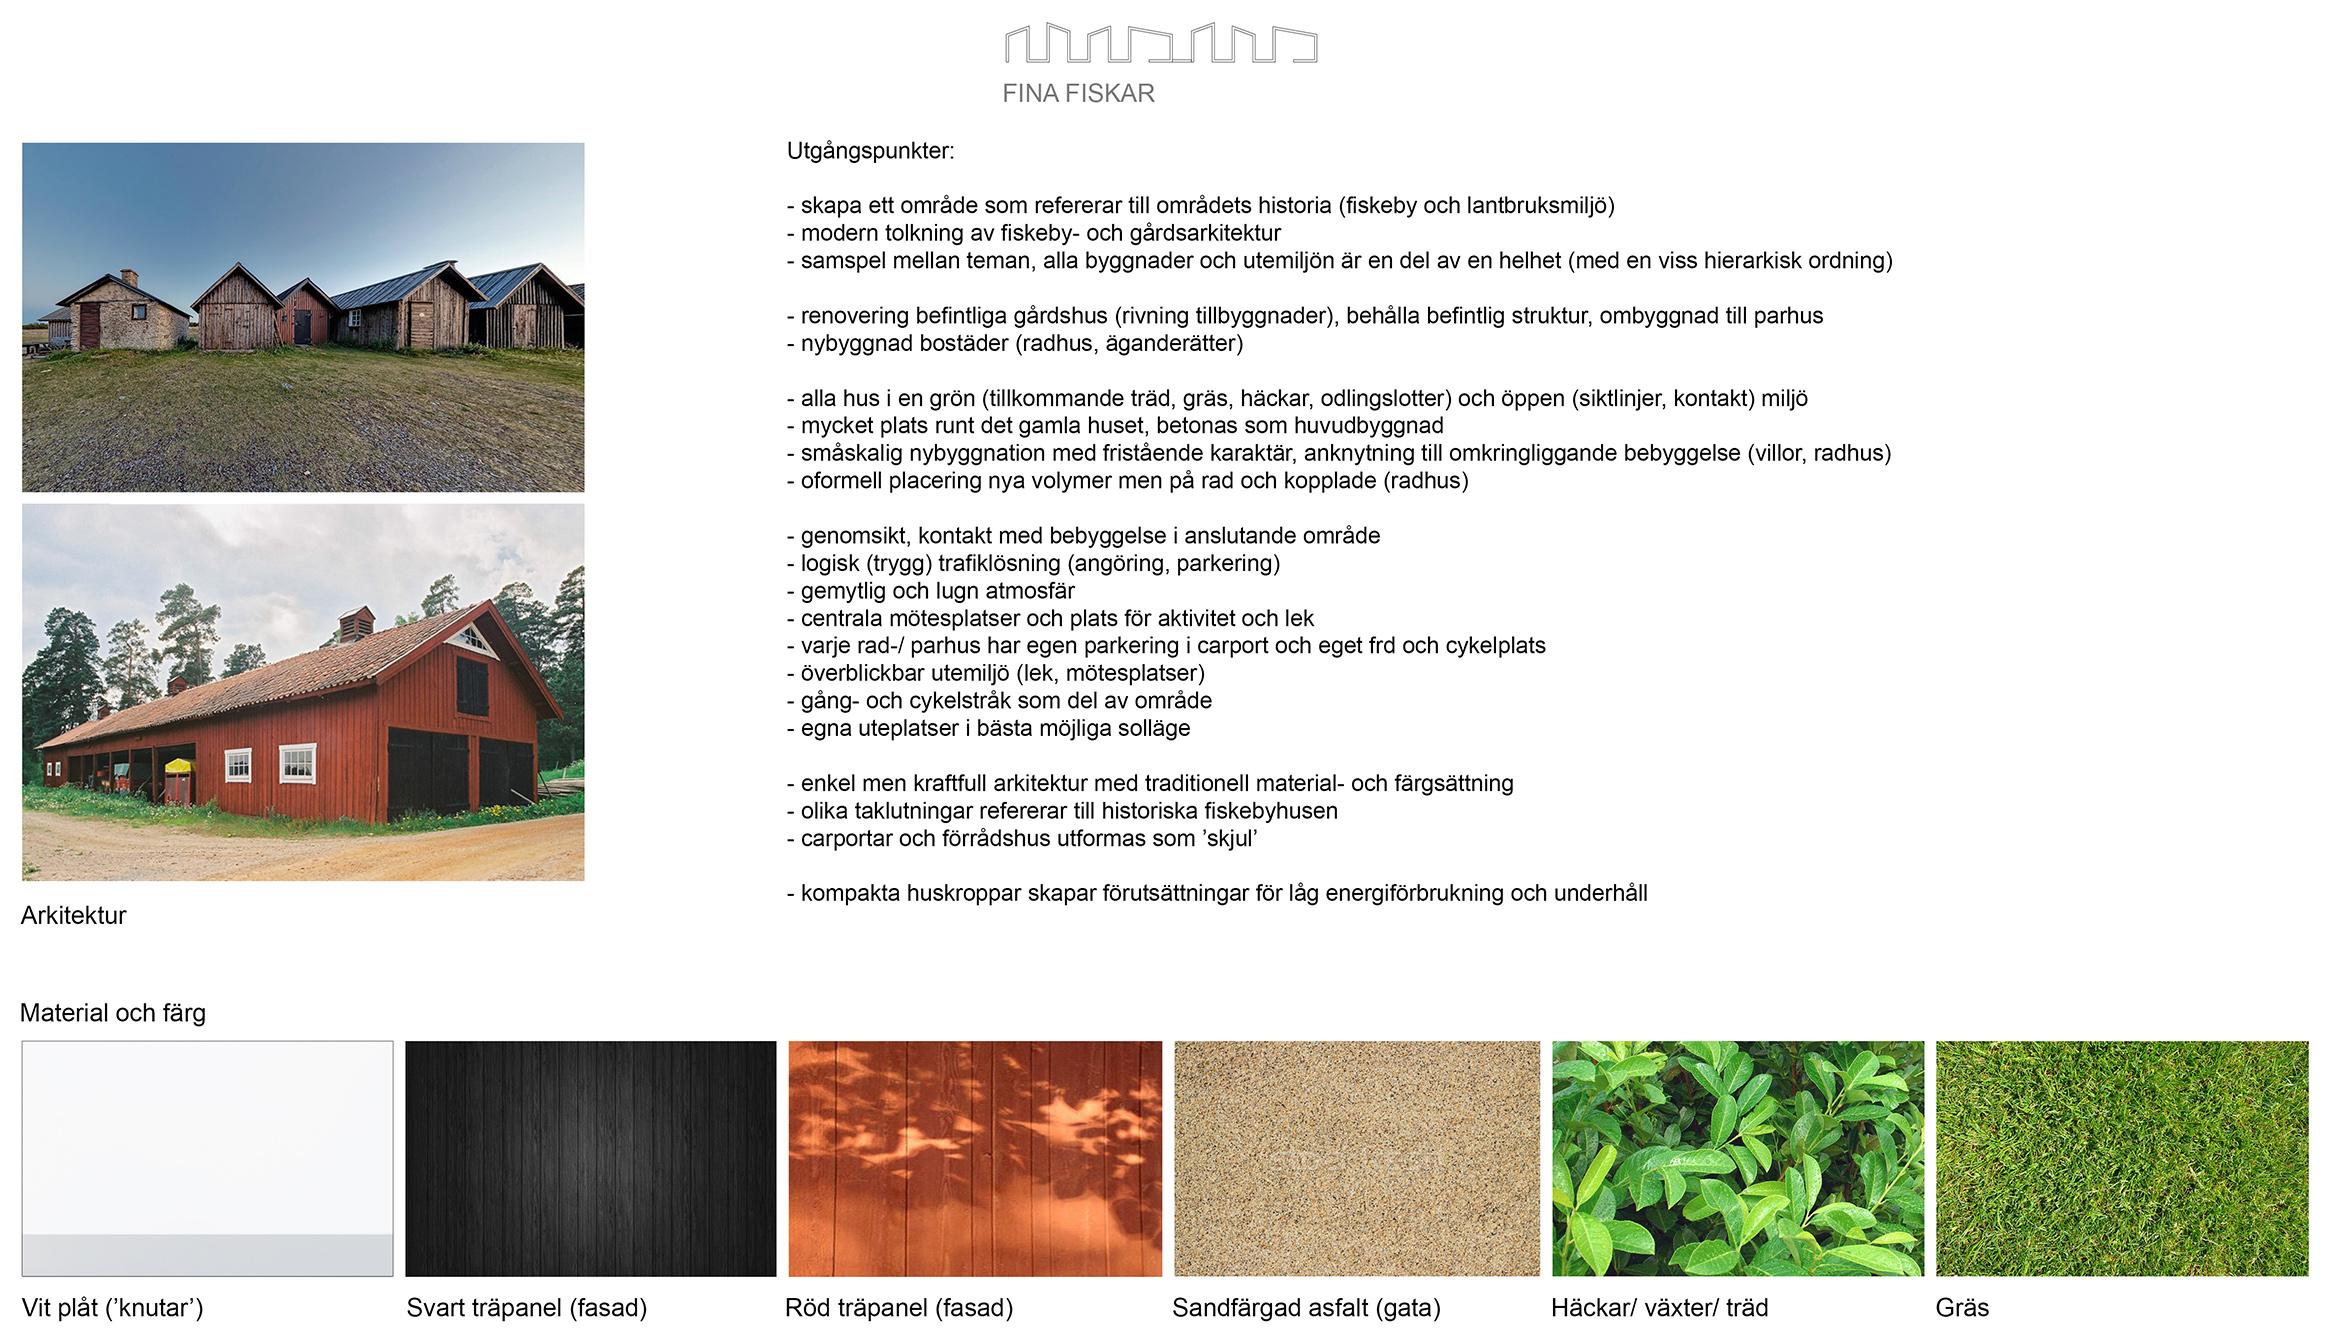 Presentation_S4_utgångspunkter - materia - färg.jpg